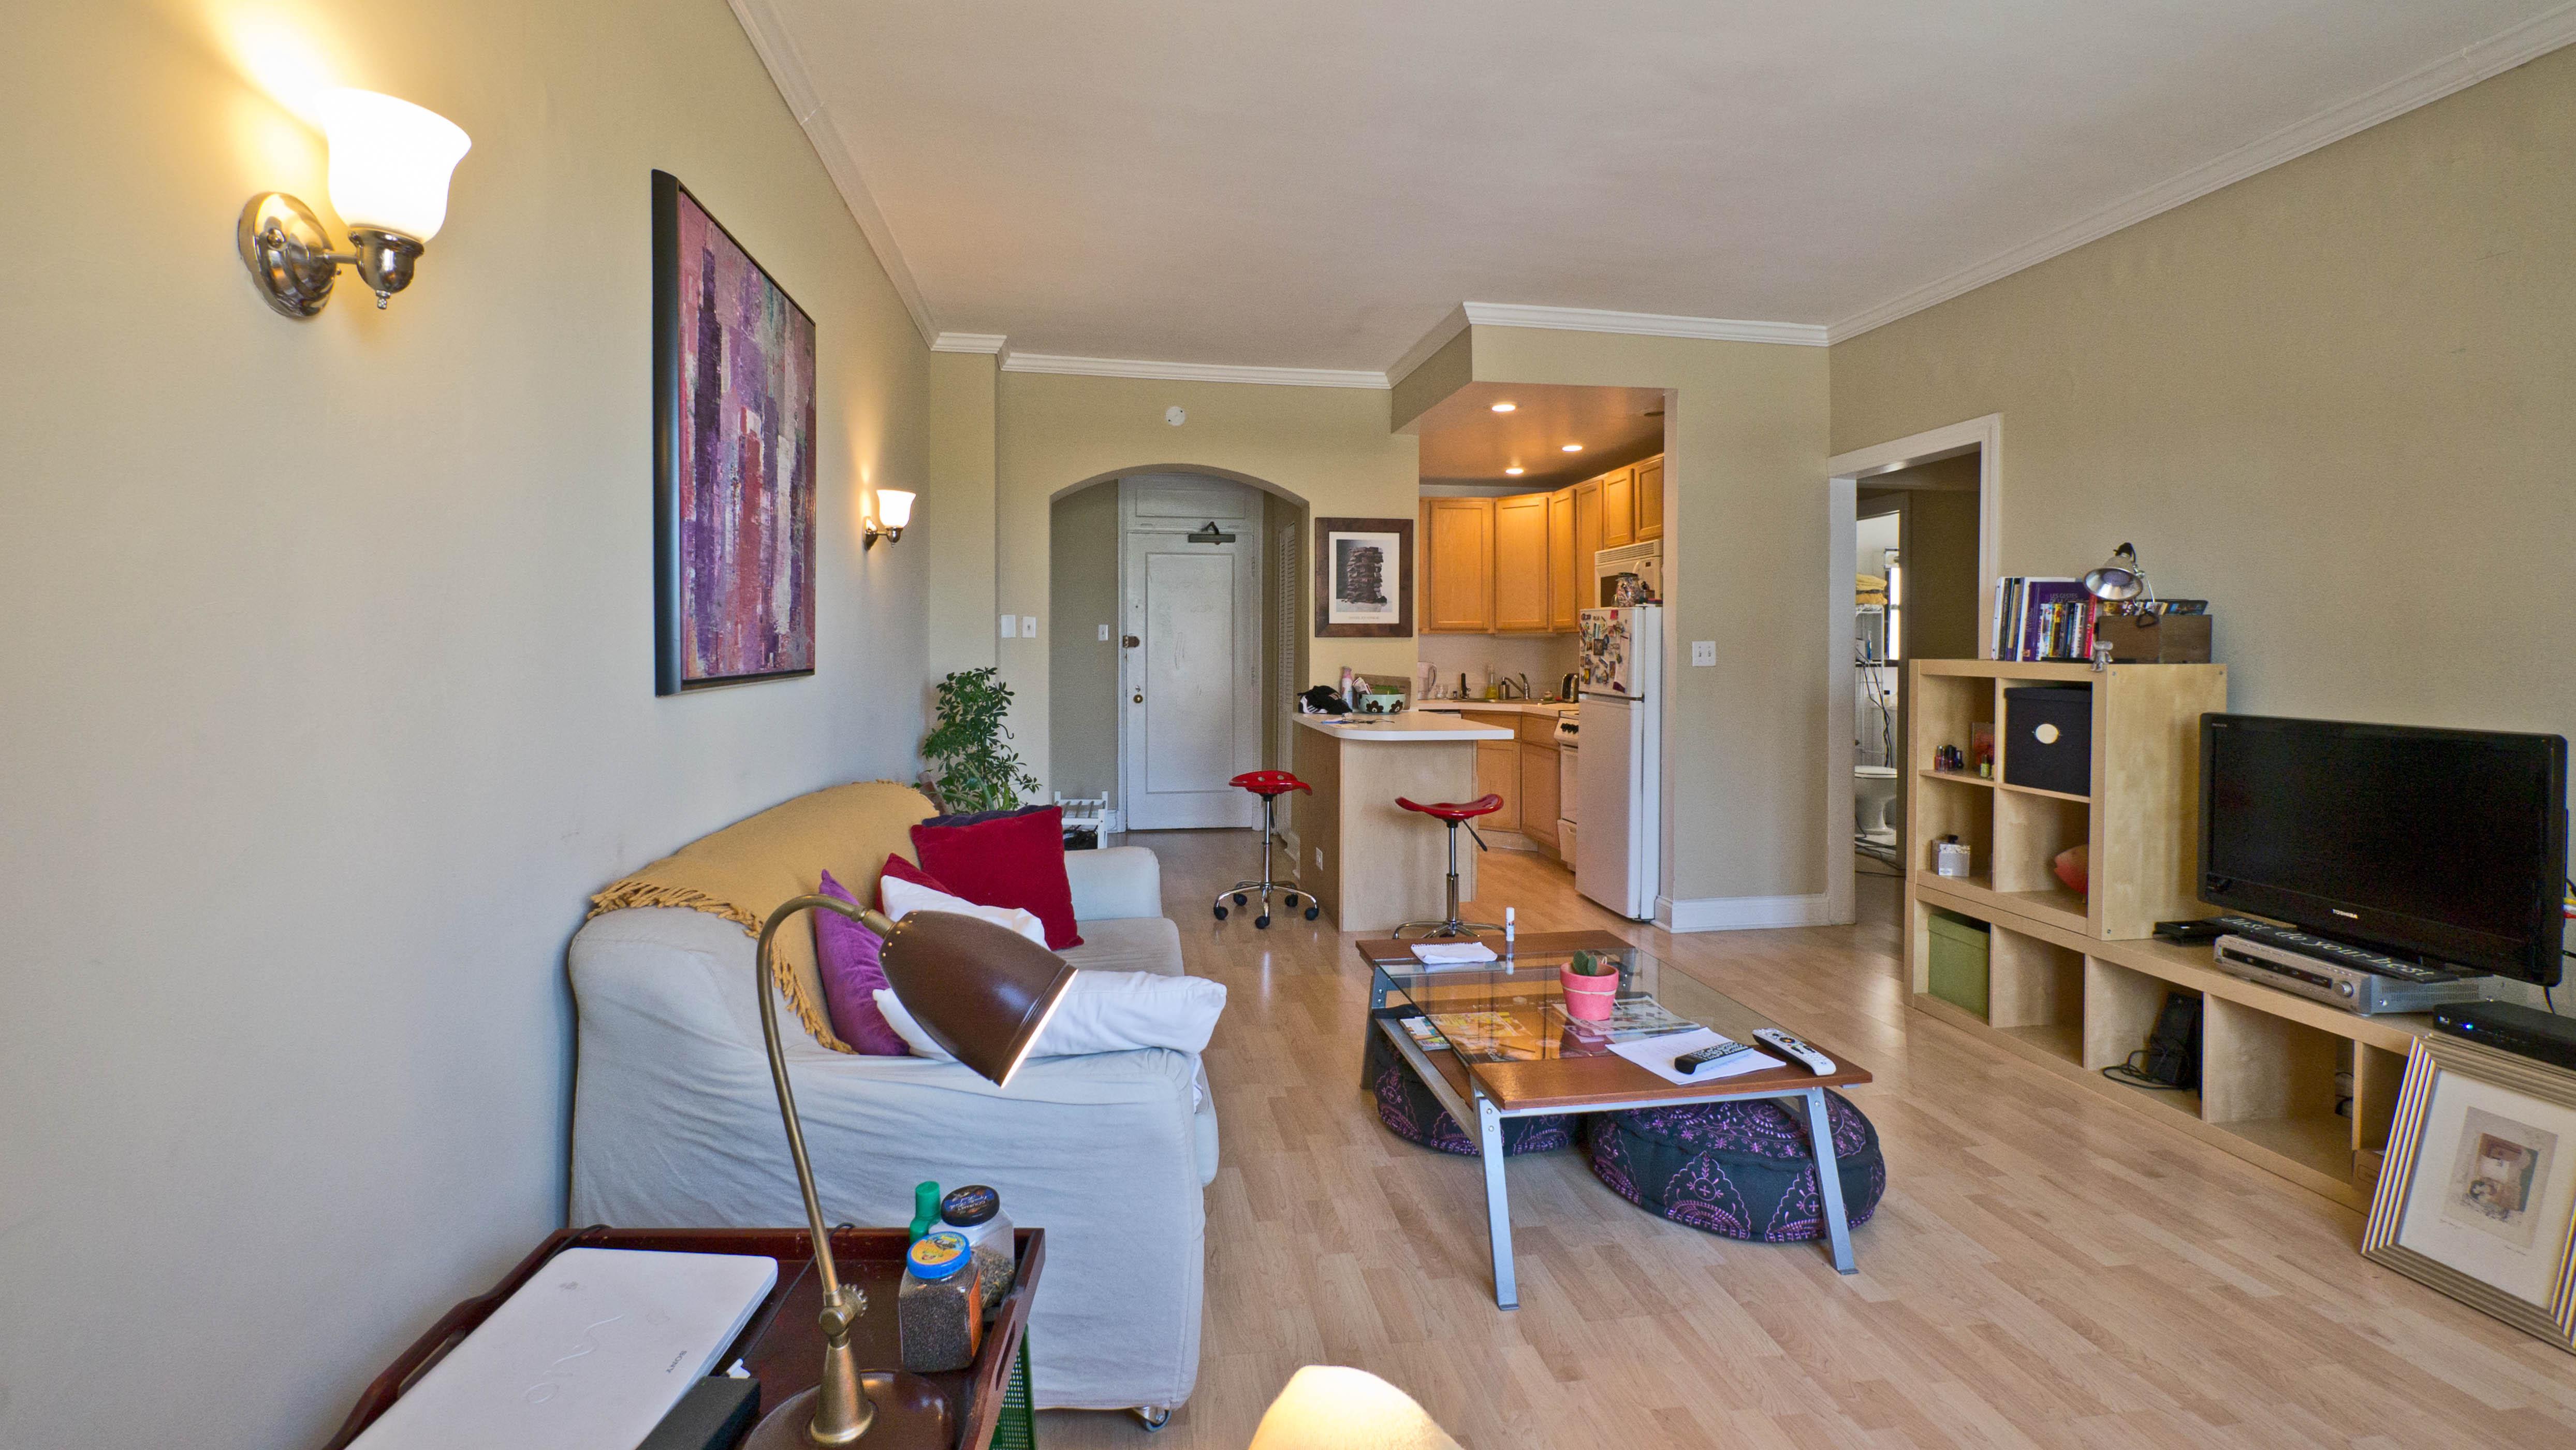 2850 North Sheridan Apartments 2850 N Sheridan Rd